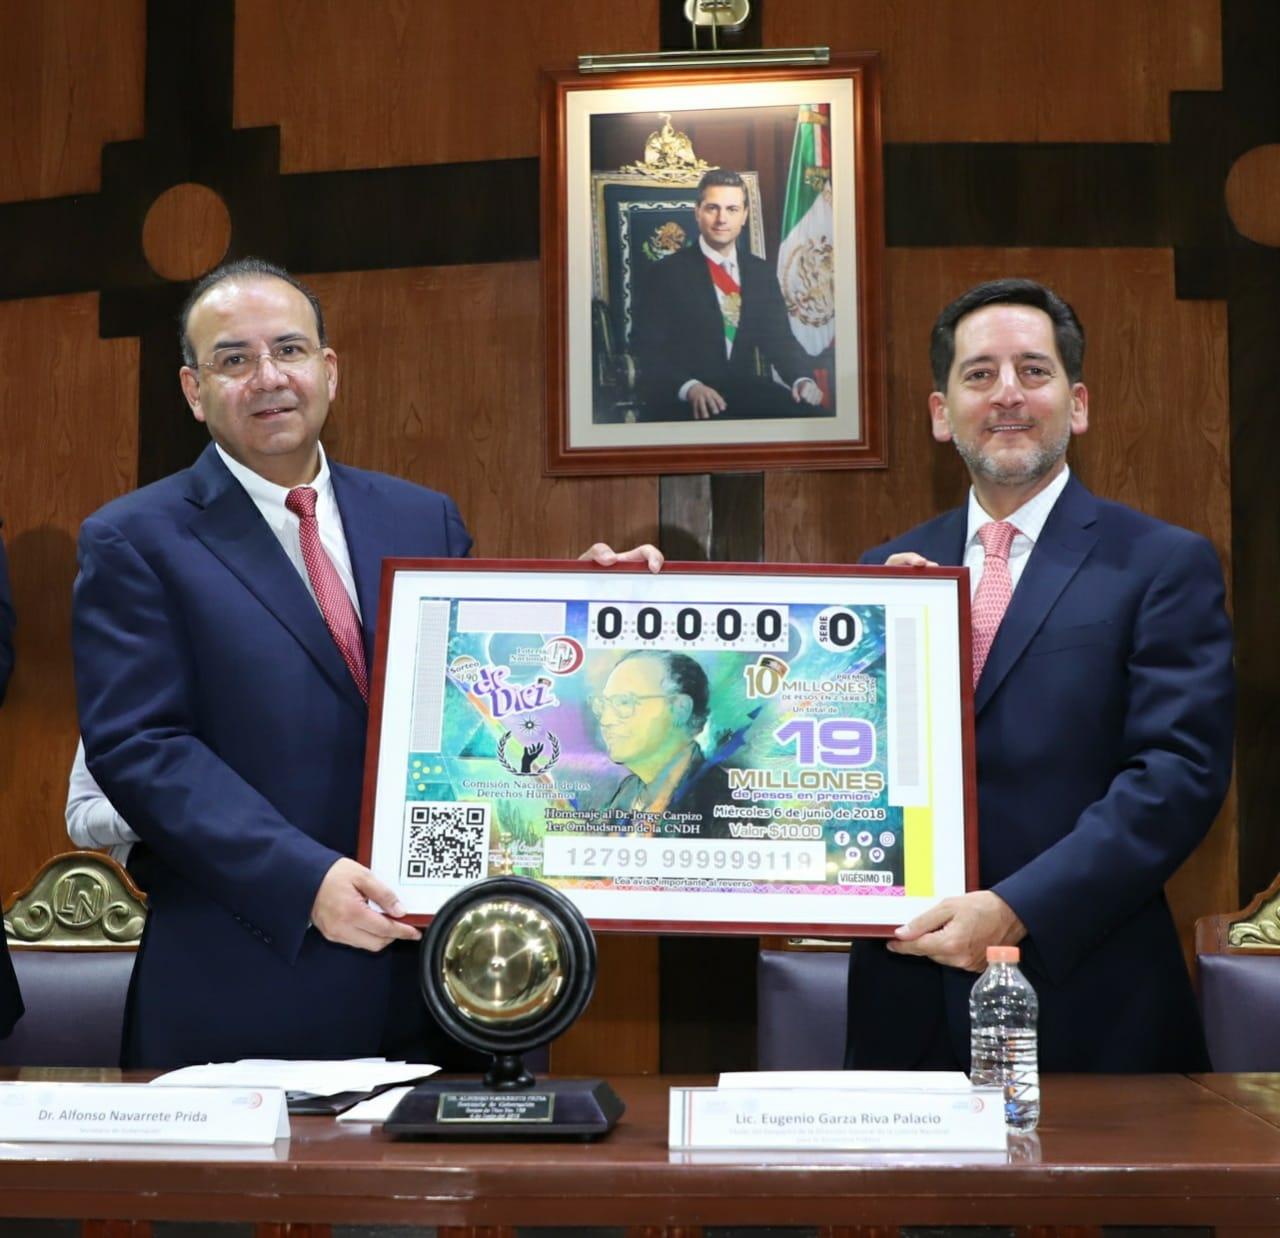 El Premio Mayor de 10 millones de pesos correspondió al billete de No. 69102; el segundo premio por un monto de 800 mil pesos correspondió al billete No. 15610